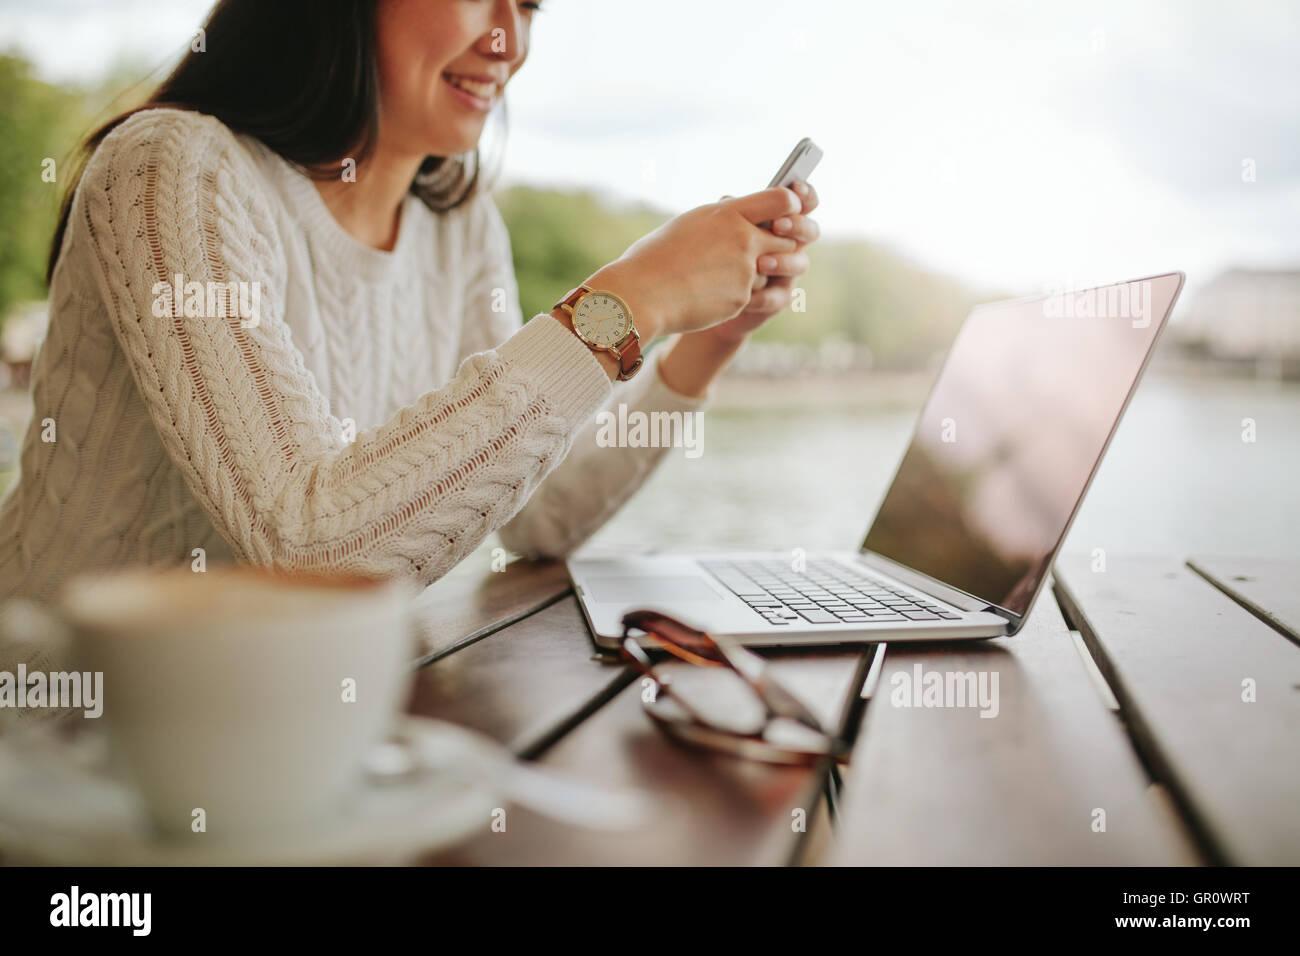 Aufnahme der jungen Frau mit Handy in Straßencafé beschnitten. Frau mit Laptop lesen SMS-Nachricht auf Stockbild